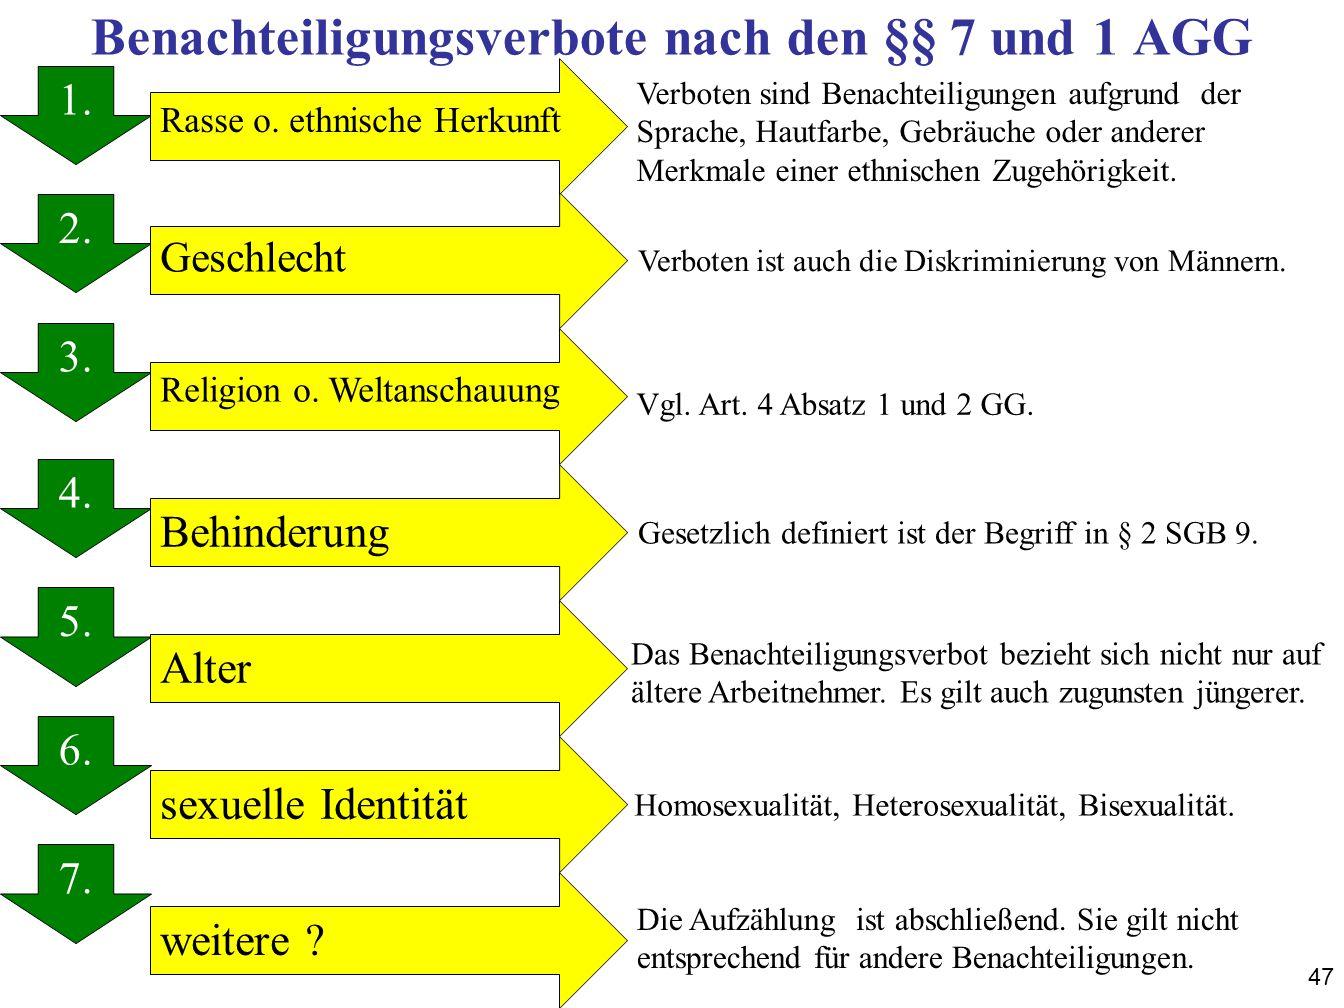 47 Benachteiligungsverbote nach den §§ 7 und 1 AGG 1. 2. 3. 4. 5. 6. 7. 1. Geschlecht Rasse o. ethnische Herkunft Religion o. Weltanschauung Behinderu